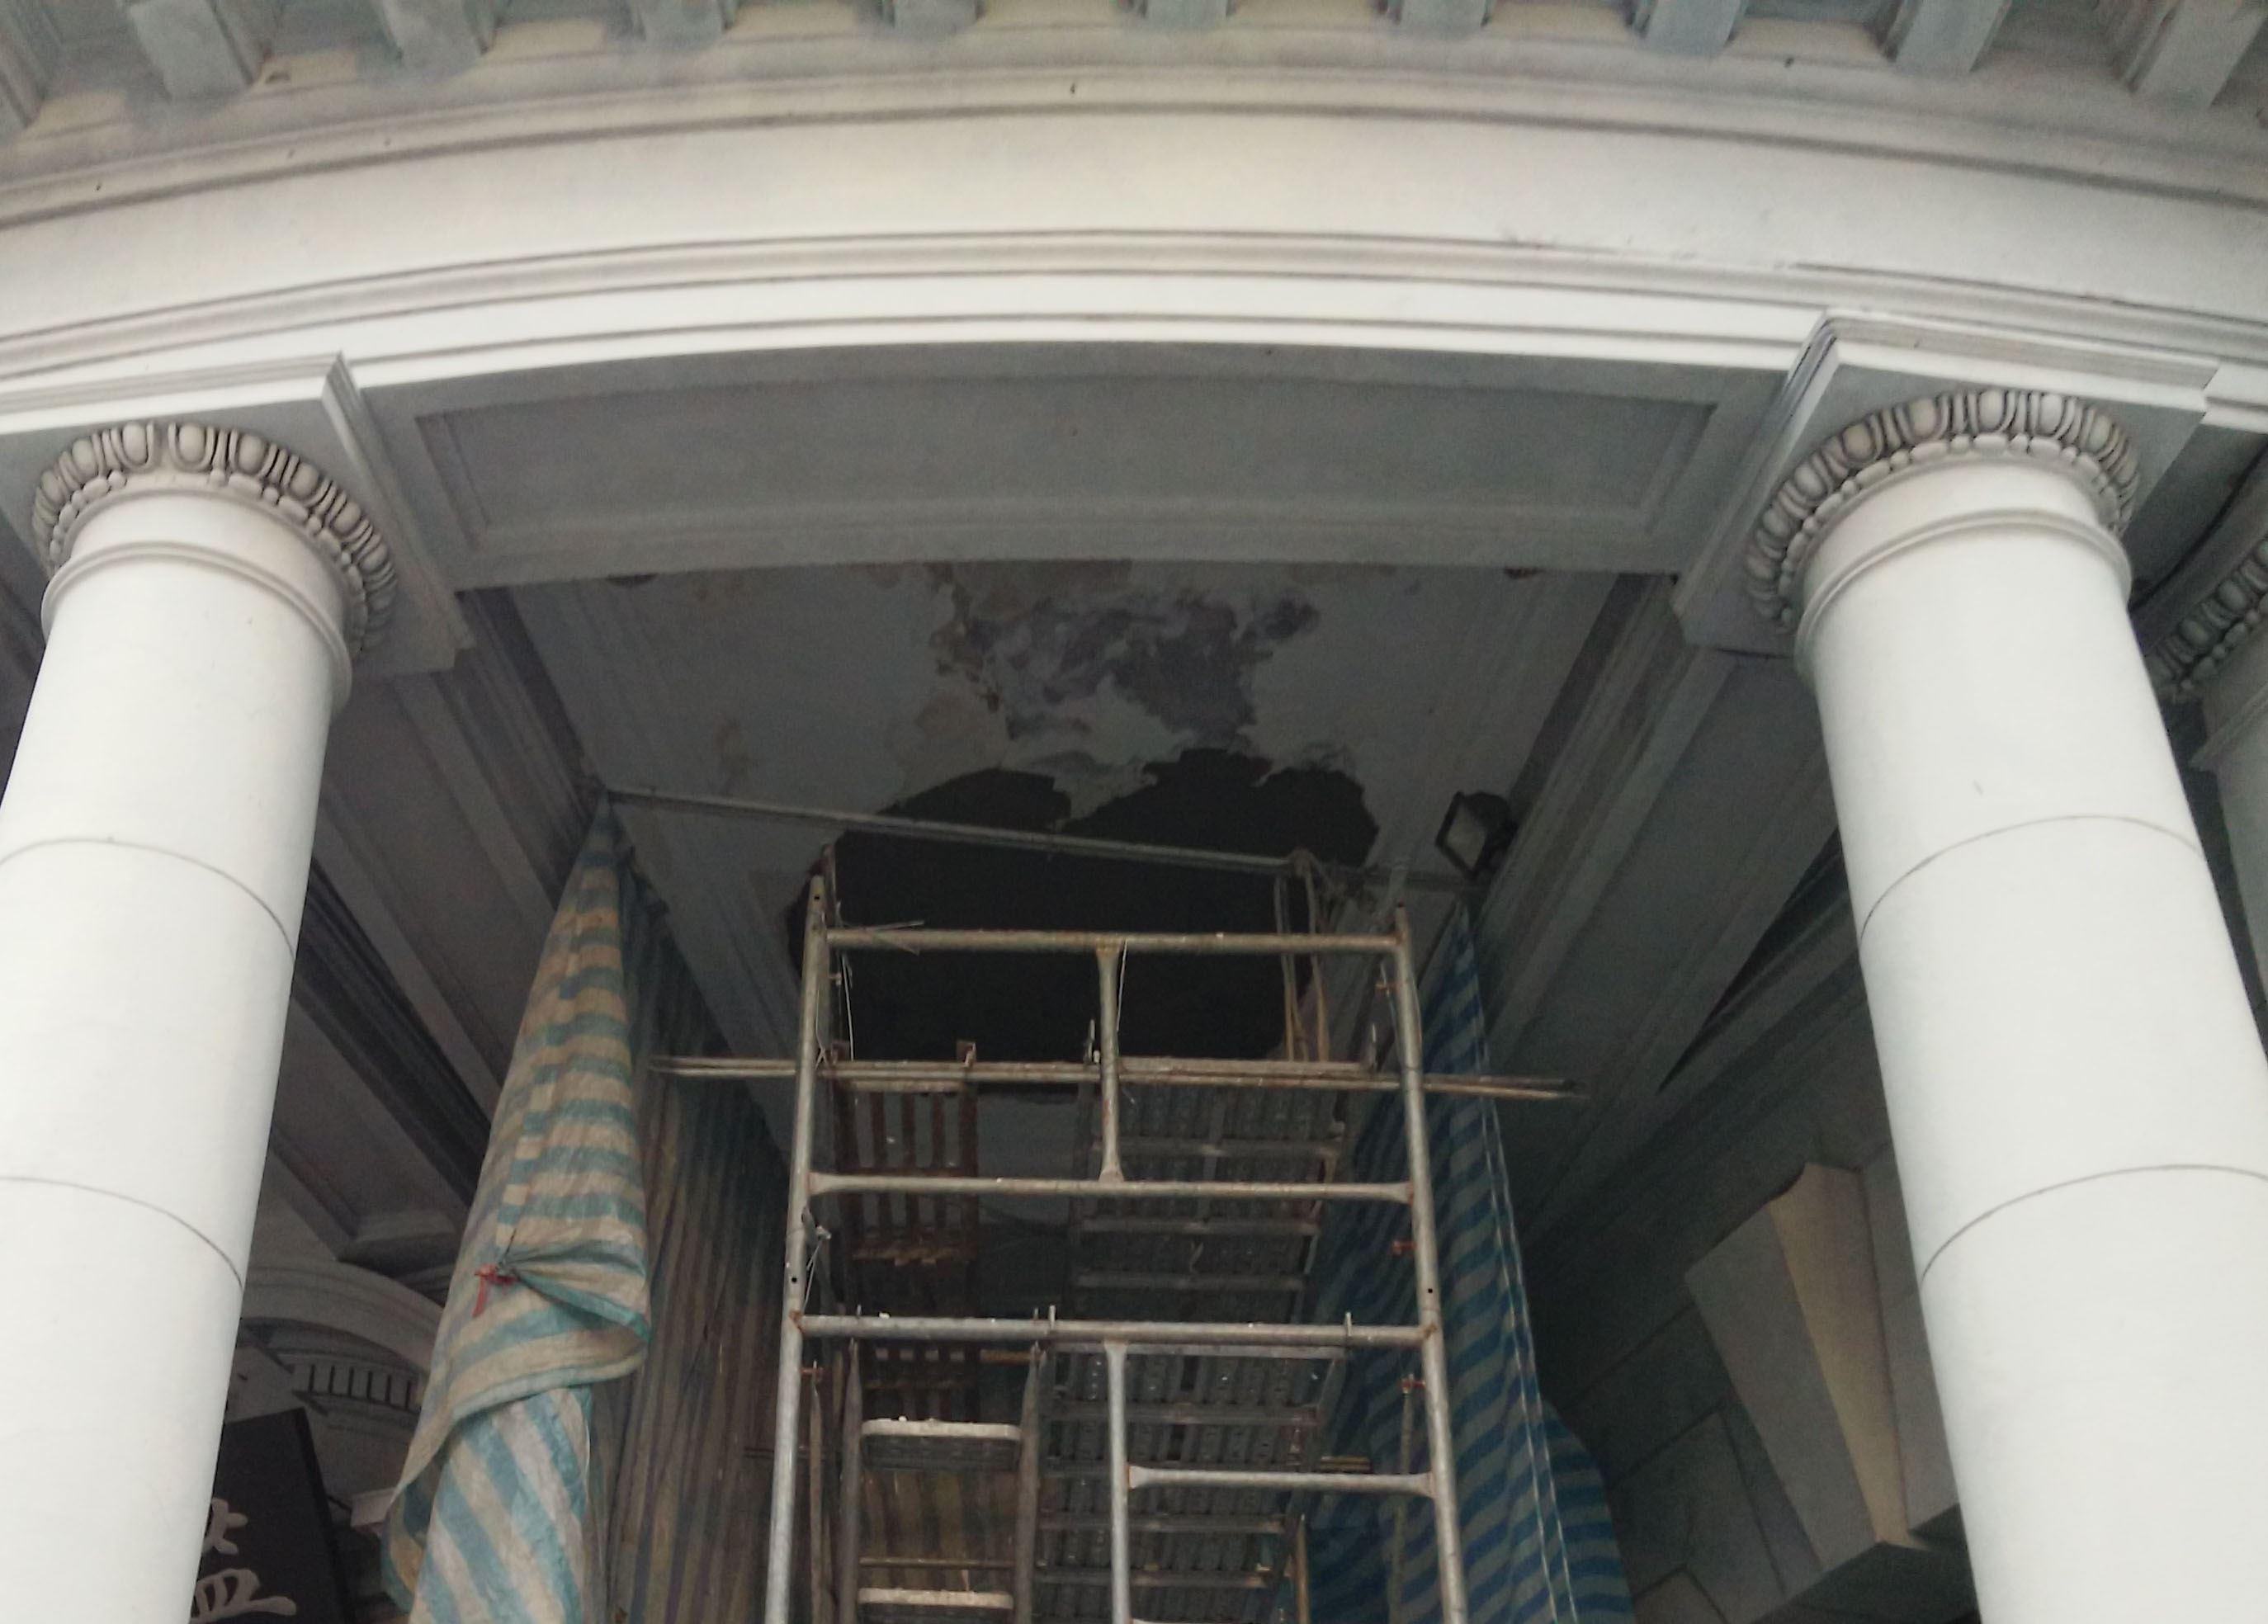 修繕區域全數清理潔淨,再予重新粉刷完竣風乾。